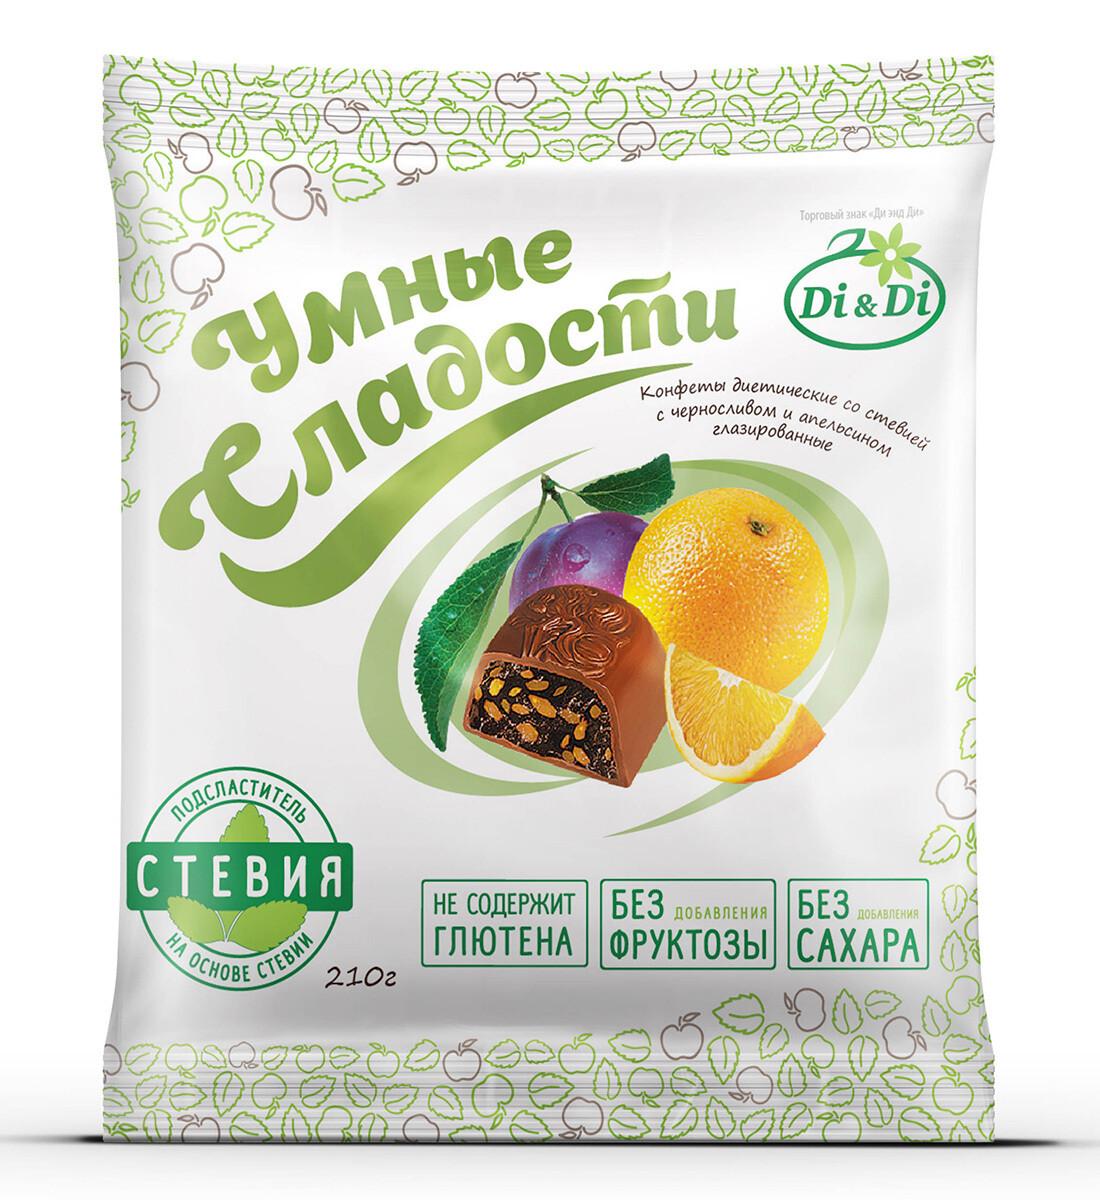 Конфеты «Умные сладости» чернослив с апельсином в шоколадной глазури 210г